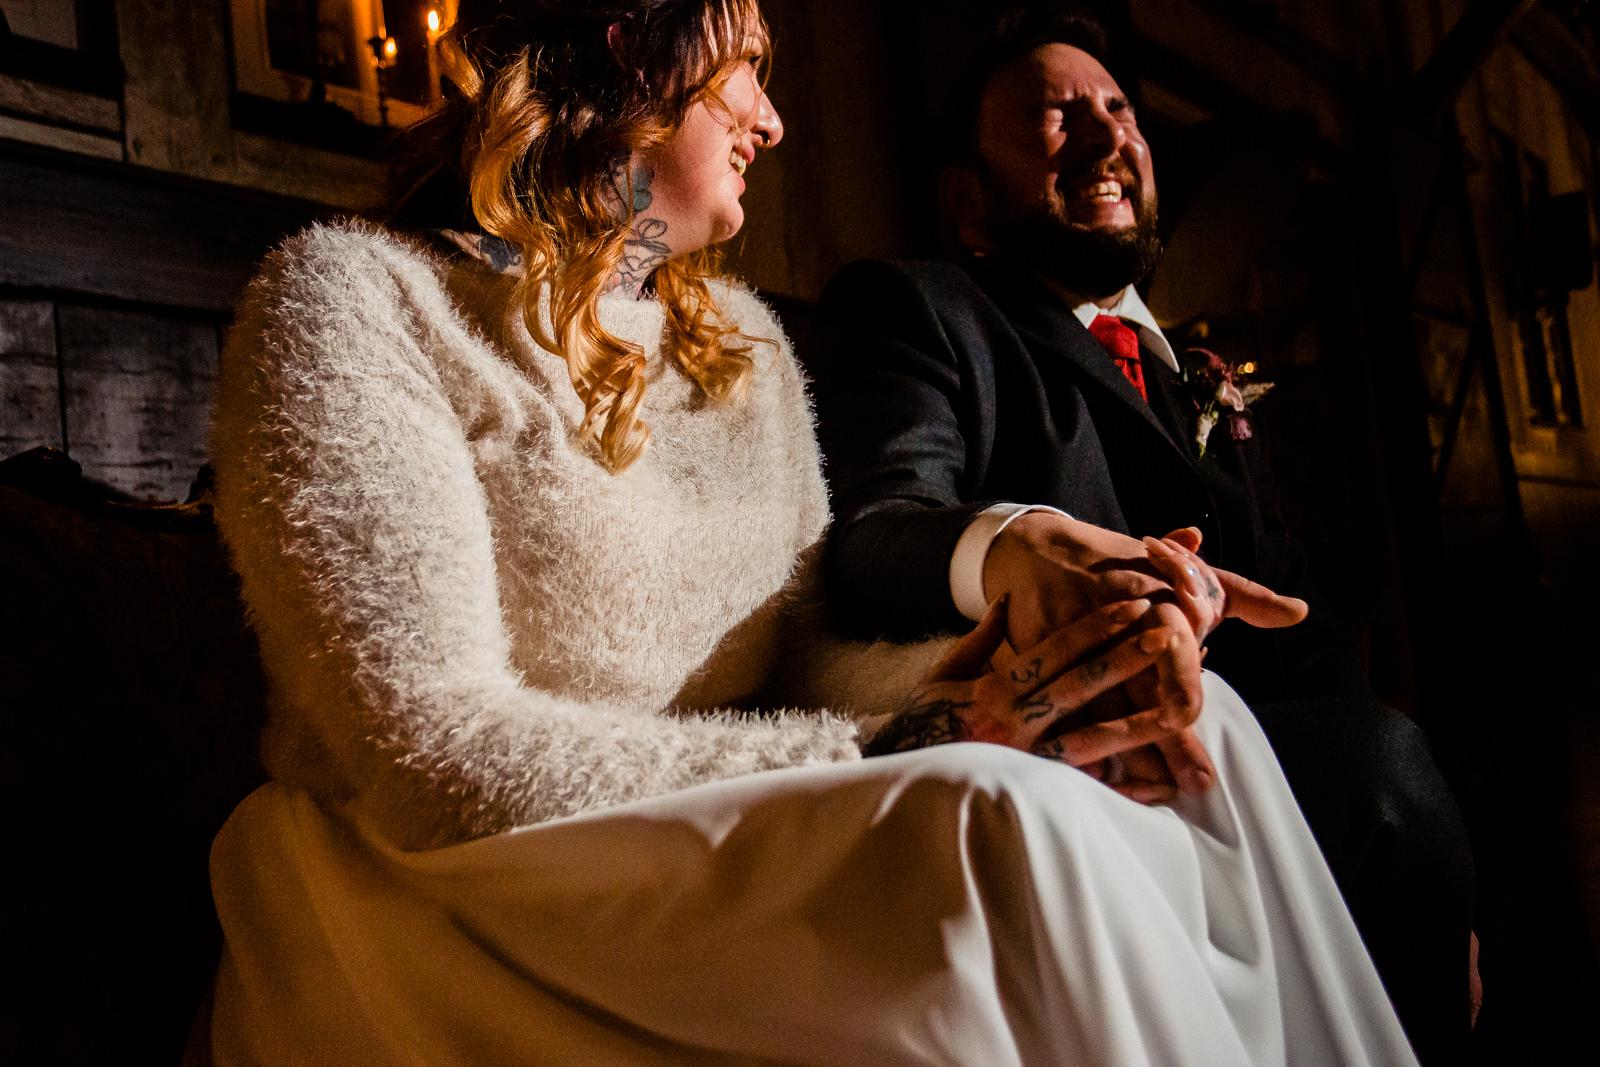 Emotionale Bilder bei einer freien Trauung von der Trautante Friederike Delong bei einer Hochzeit im Kulturbahnhof Idstein mit Goldrausch Melanie Nöhles fotografiert von Hochzeitsfotograf Steven Herrschaft aus Wiesbaden